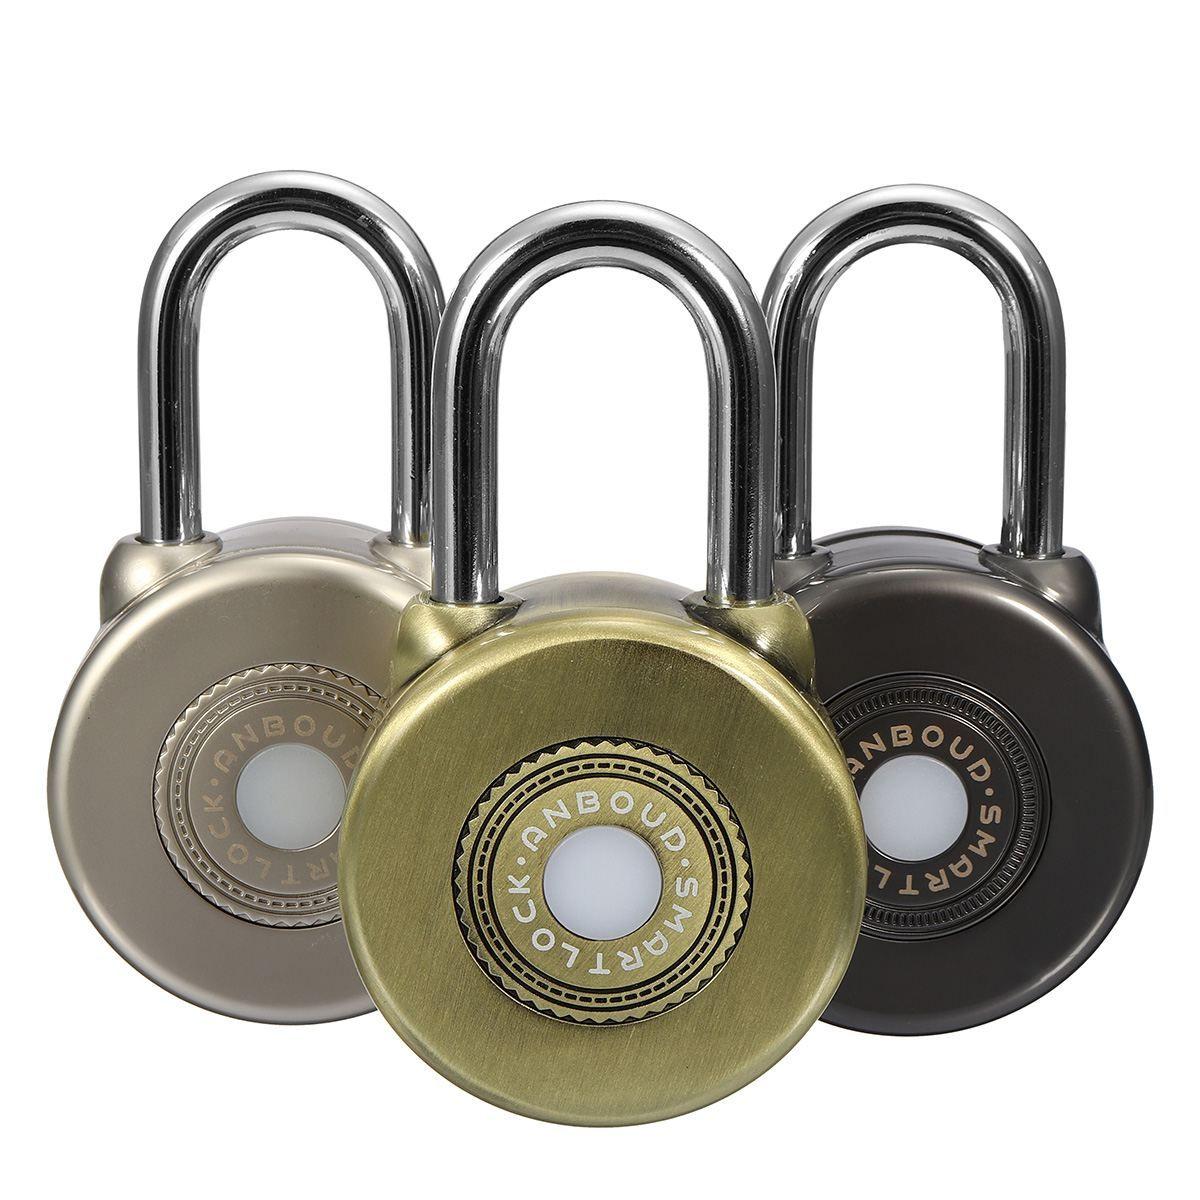 Safurance Drahtlose Wasserdichte Bluetooth Smart Lock APP Control Security Anti-diebstahl-vorhängeschloss Home Security Sicherheits